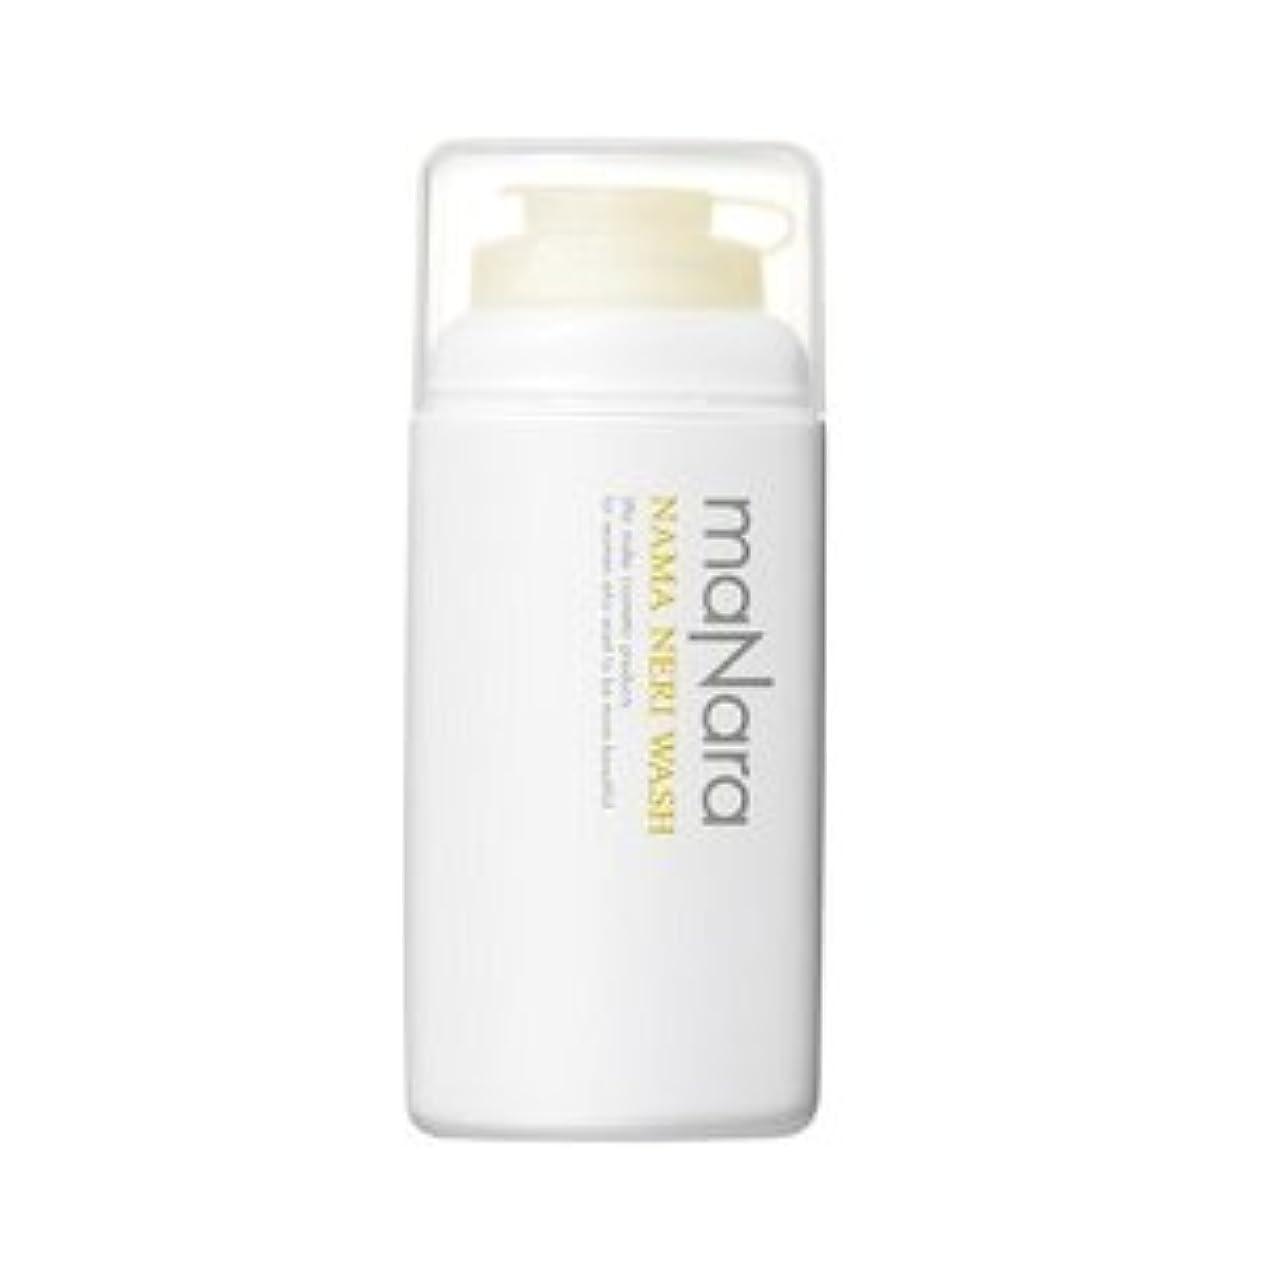 リズミカルなブロンズソフィーマナラ 生練り洗顔 60g